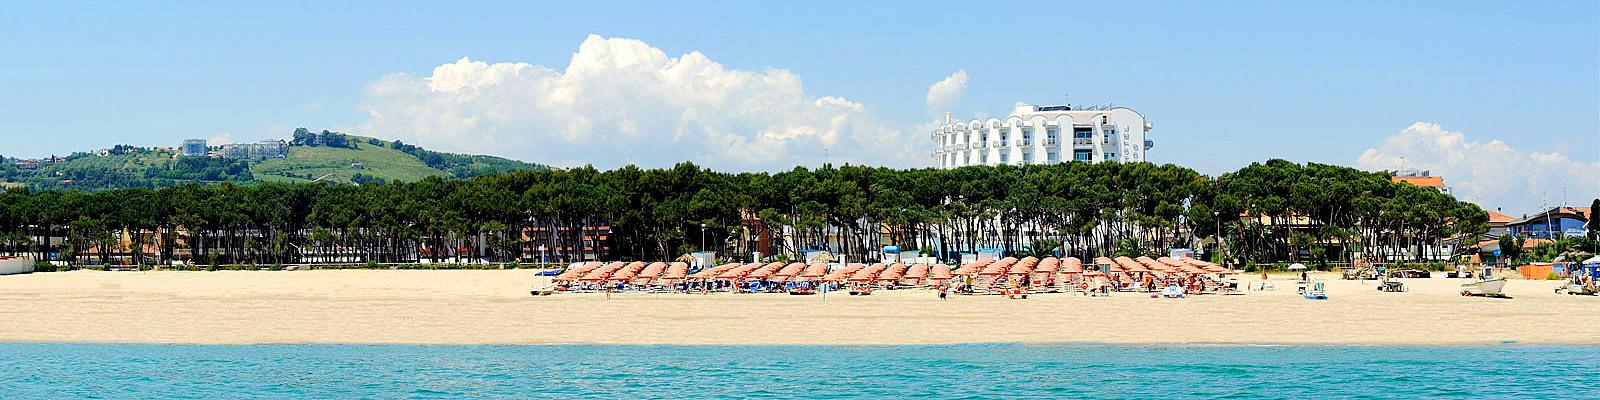 Alba Adriatica, vyhlášená pláž s lesíkem podél promenády